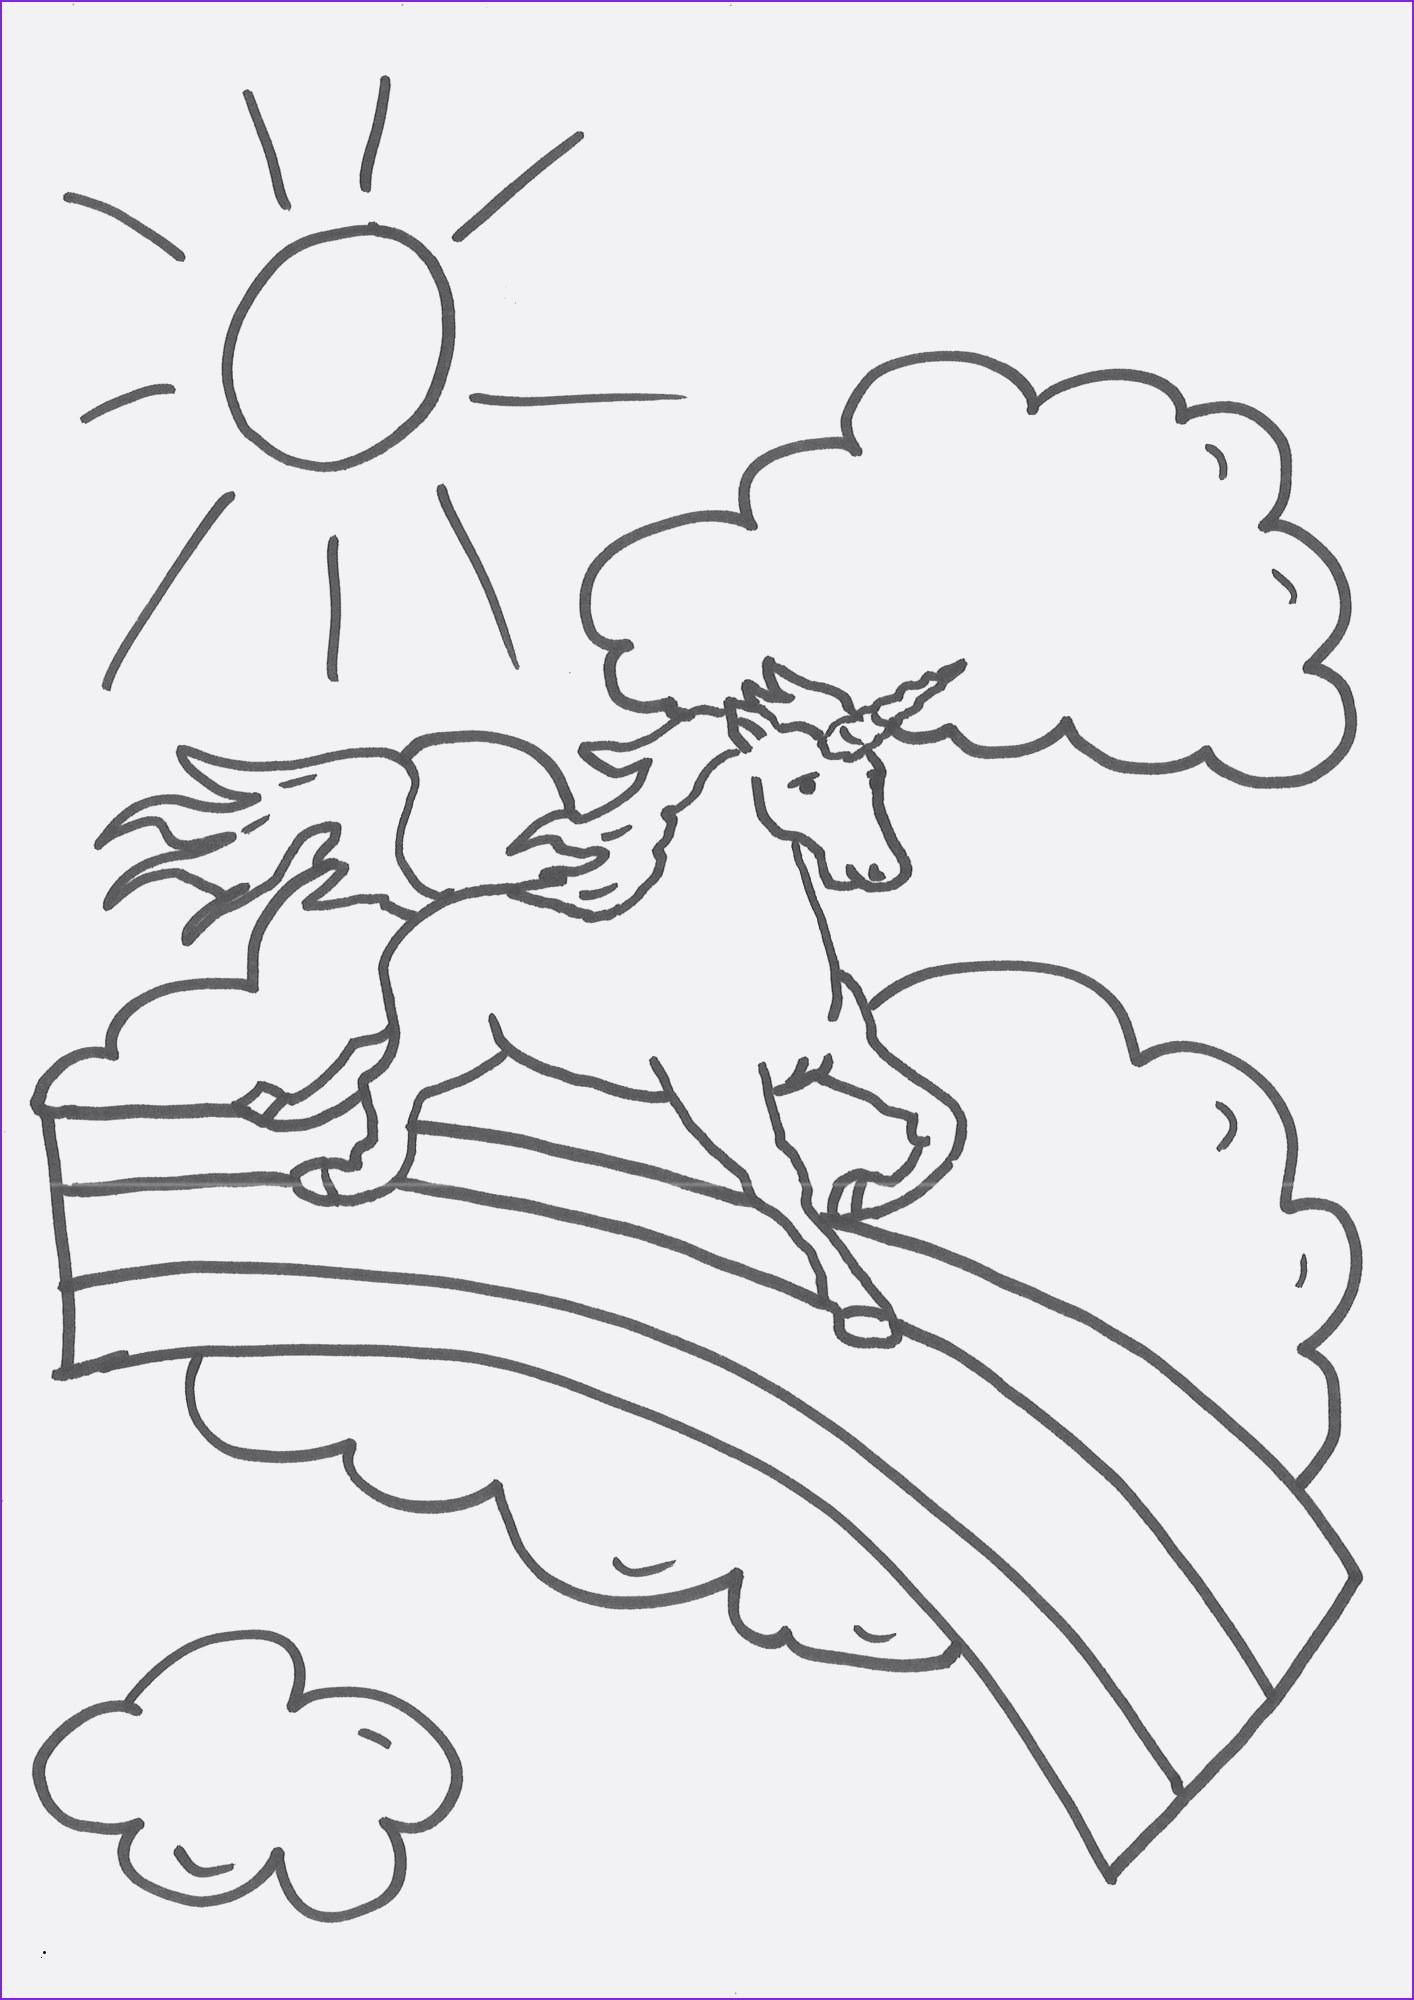 Elena Von Avalor Ausmalbilder Einzigartig 48 Entwurf Malvorlagen Grundschule Treehouse Nyc Bild